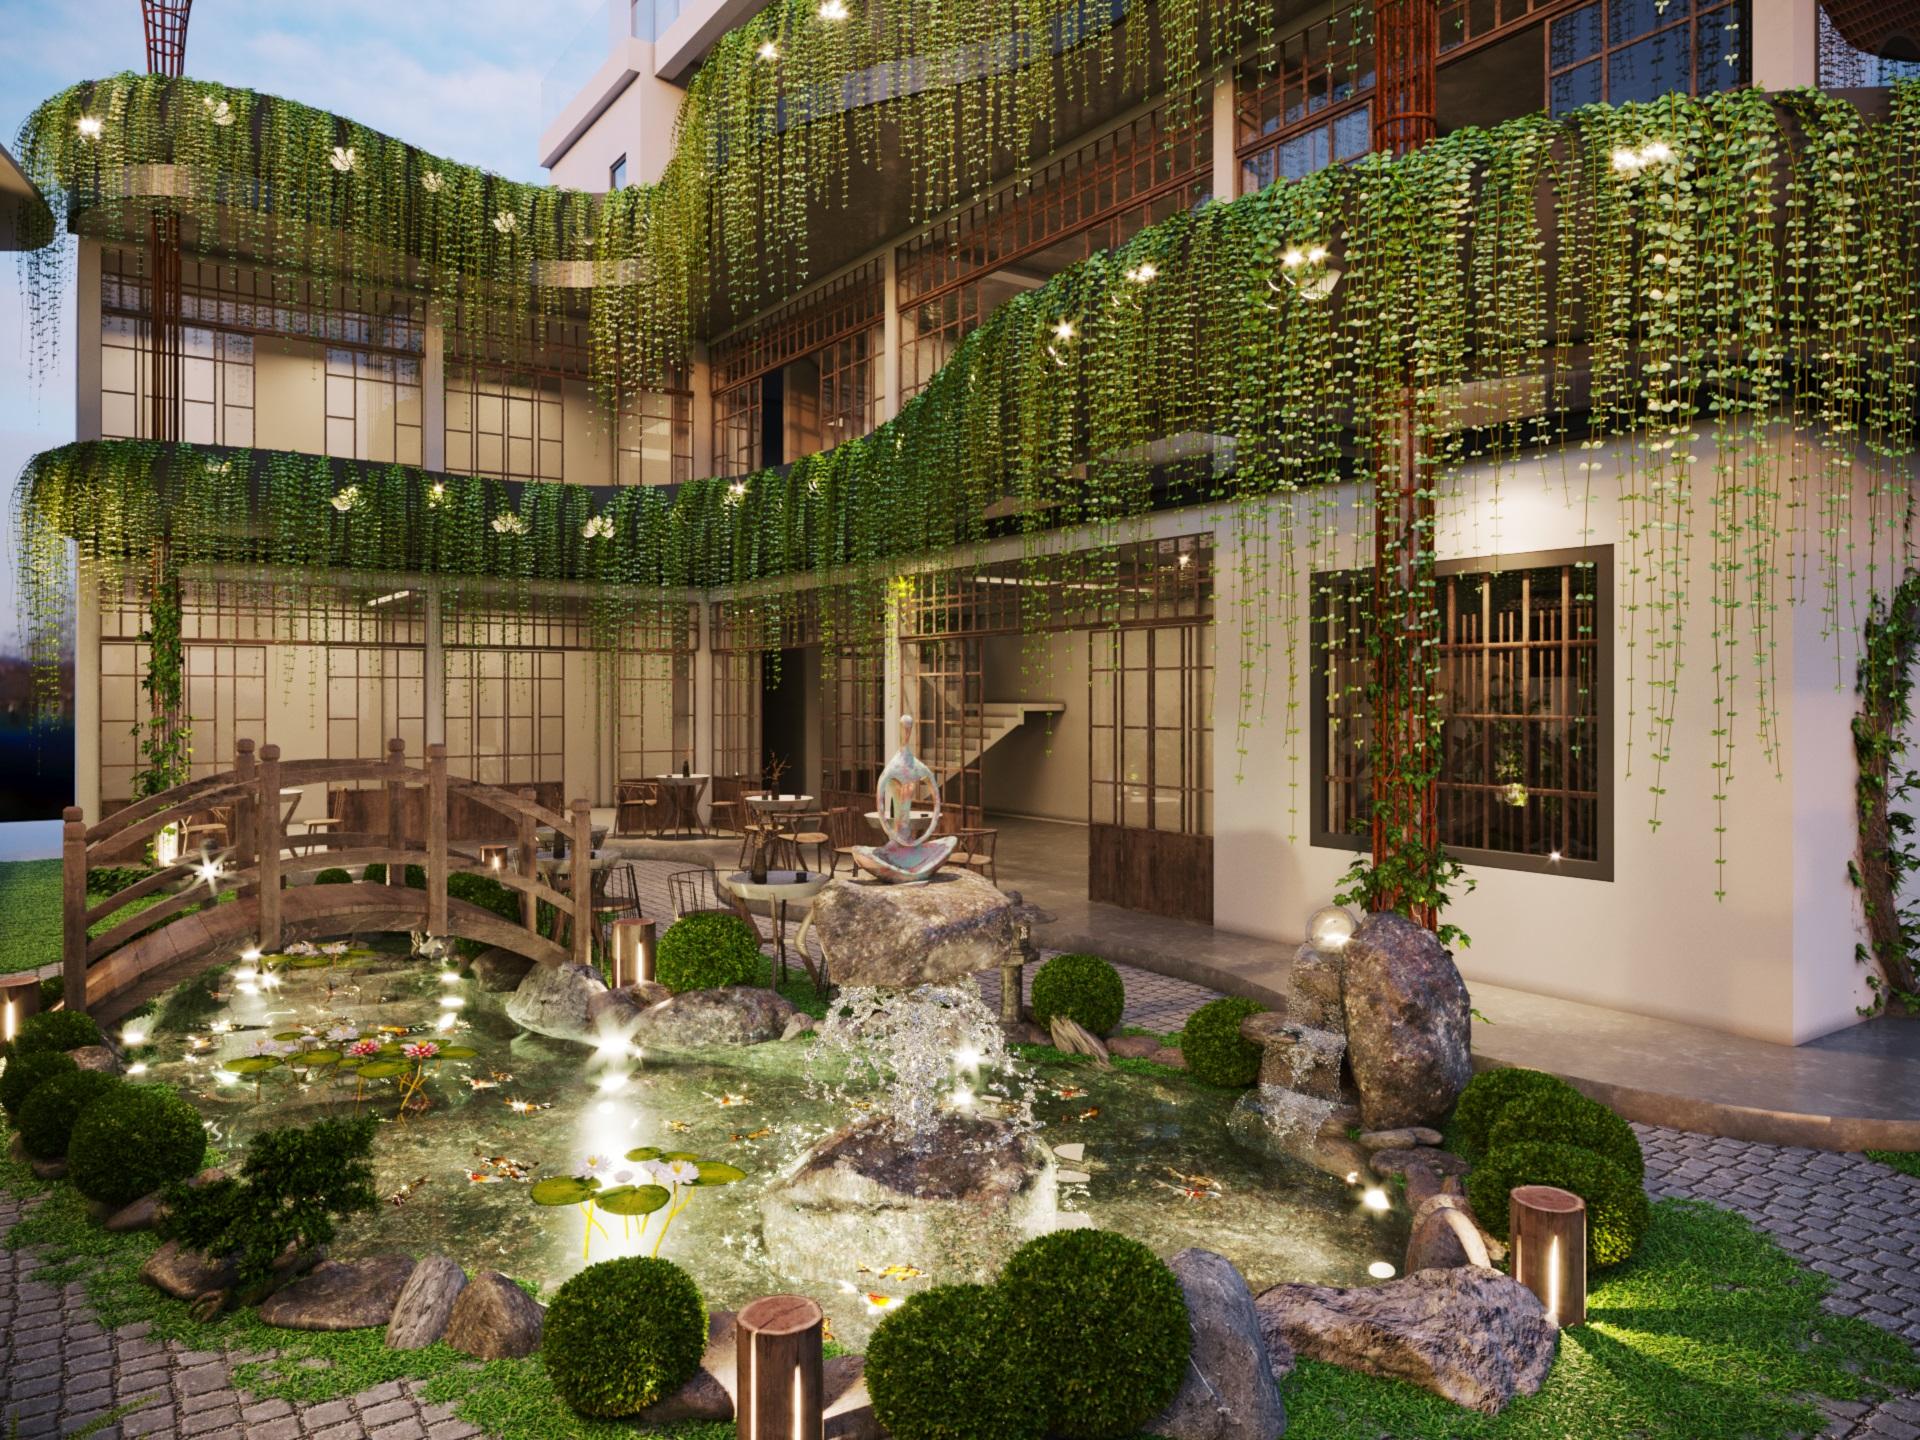 thiết kế nội thất Cafe tại Hà Nội caffee koi 17 1569649991